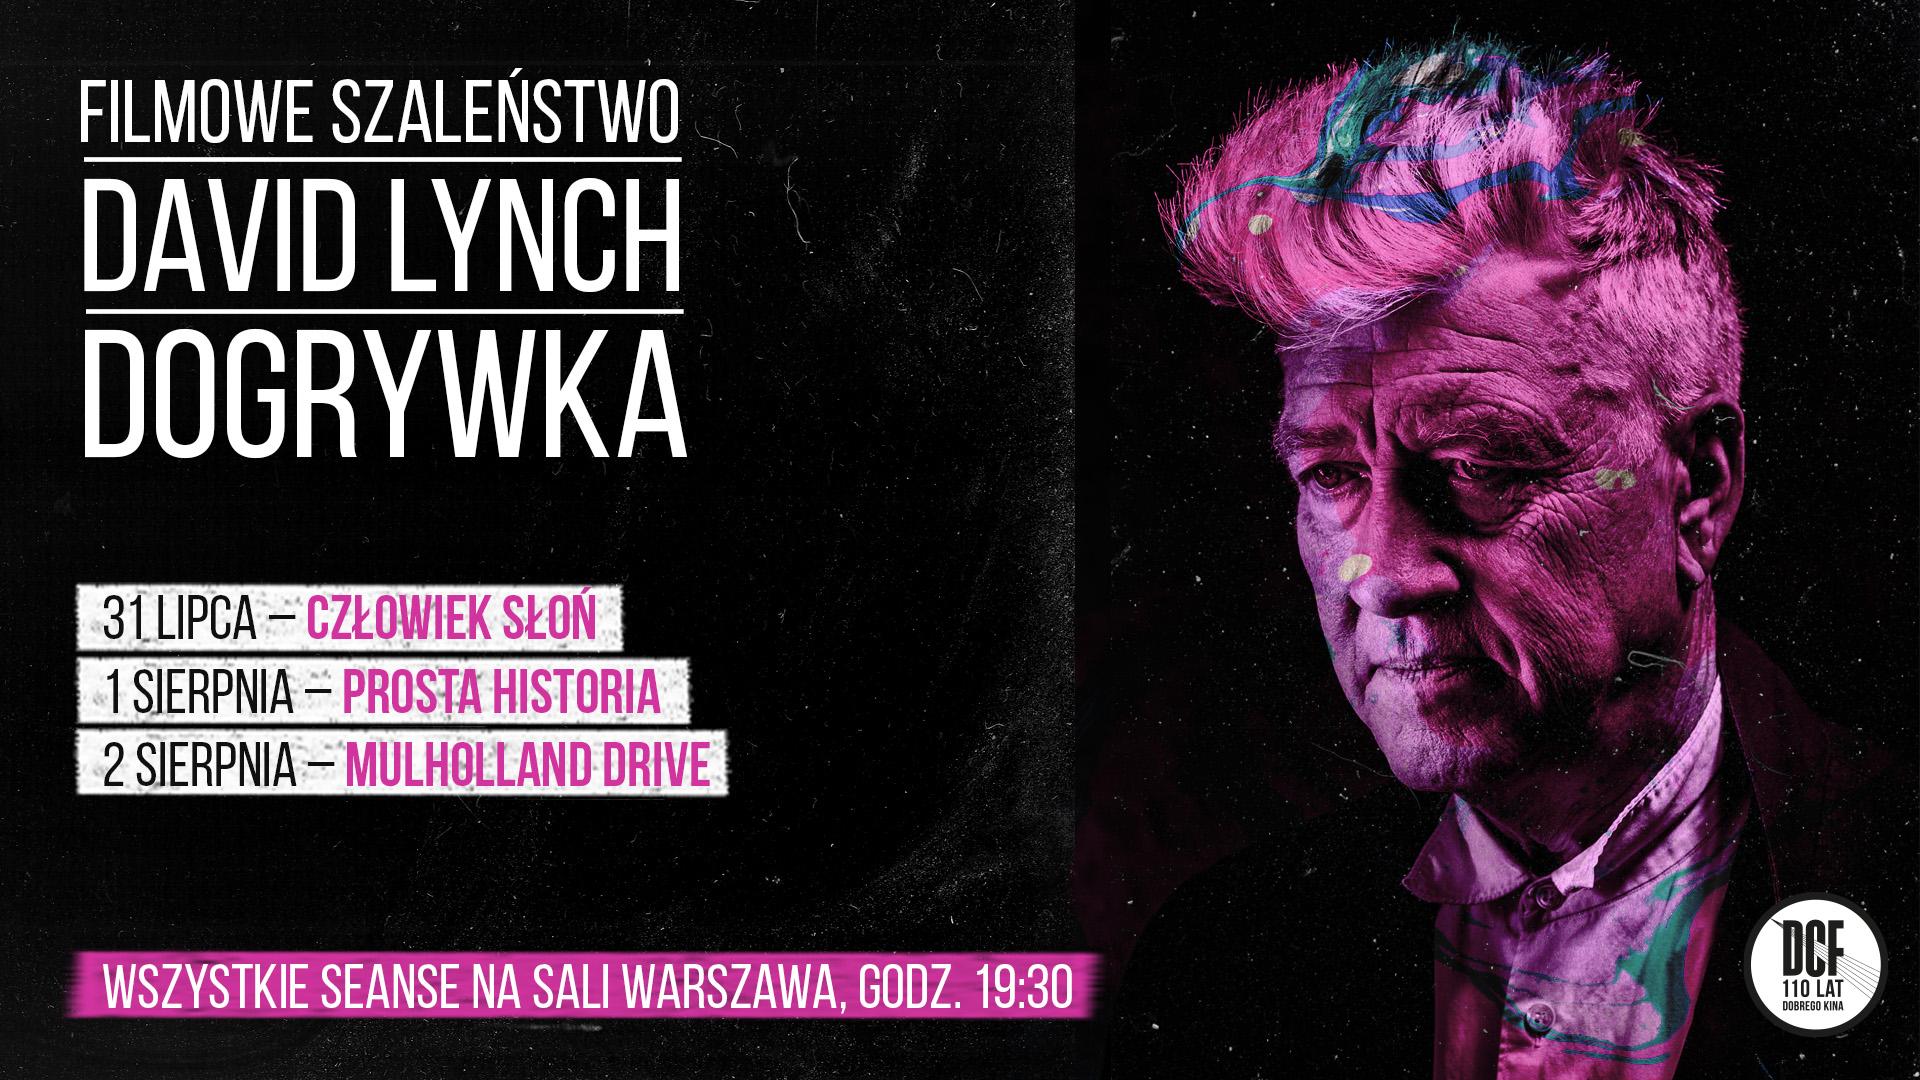 David Lynch dogrywka